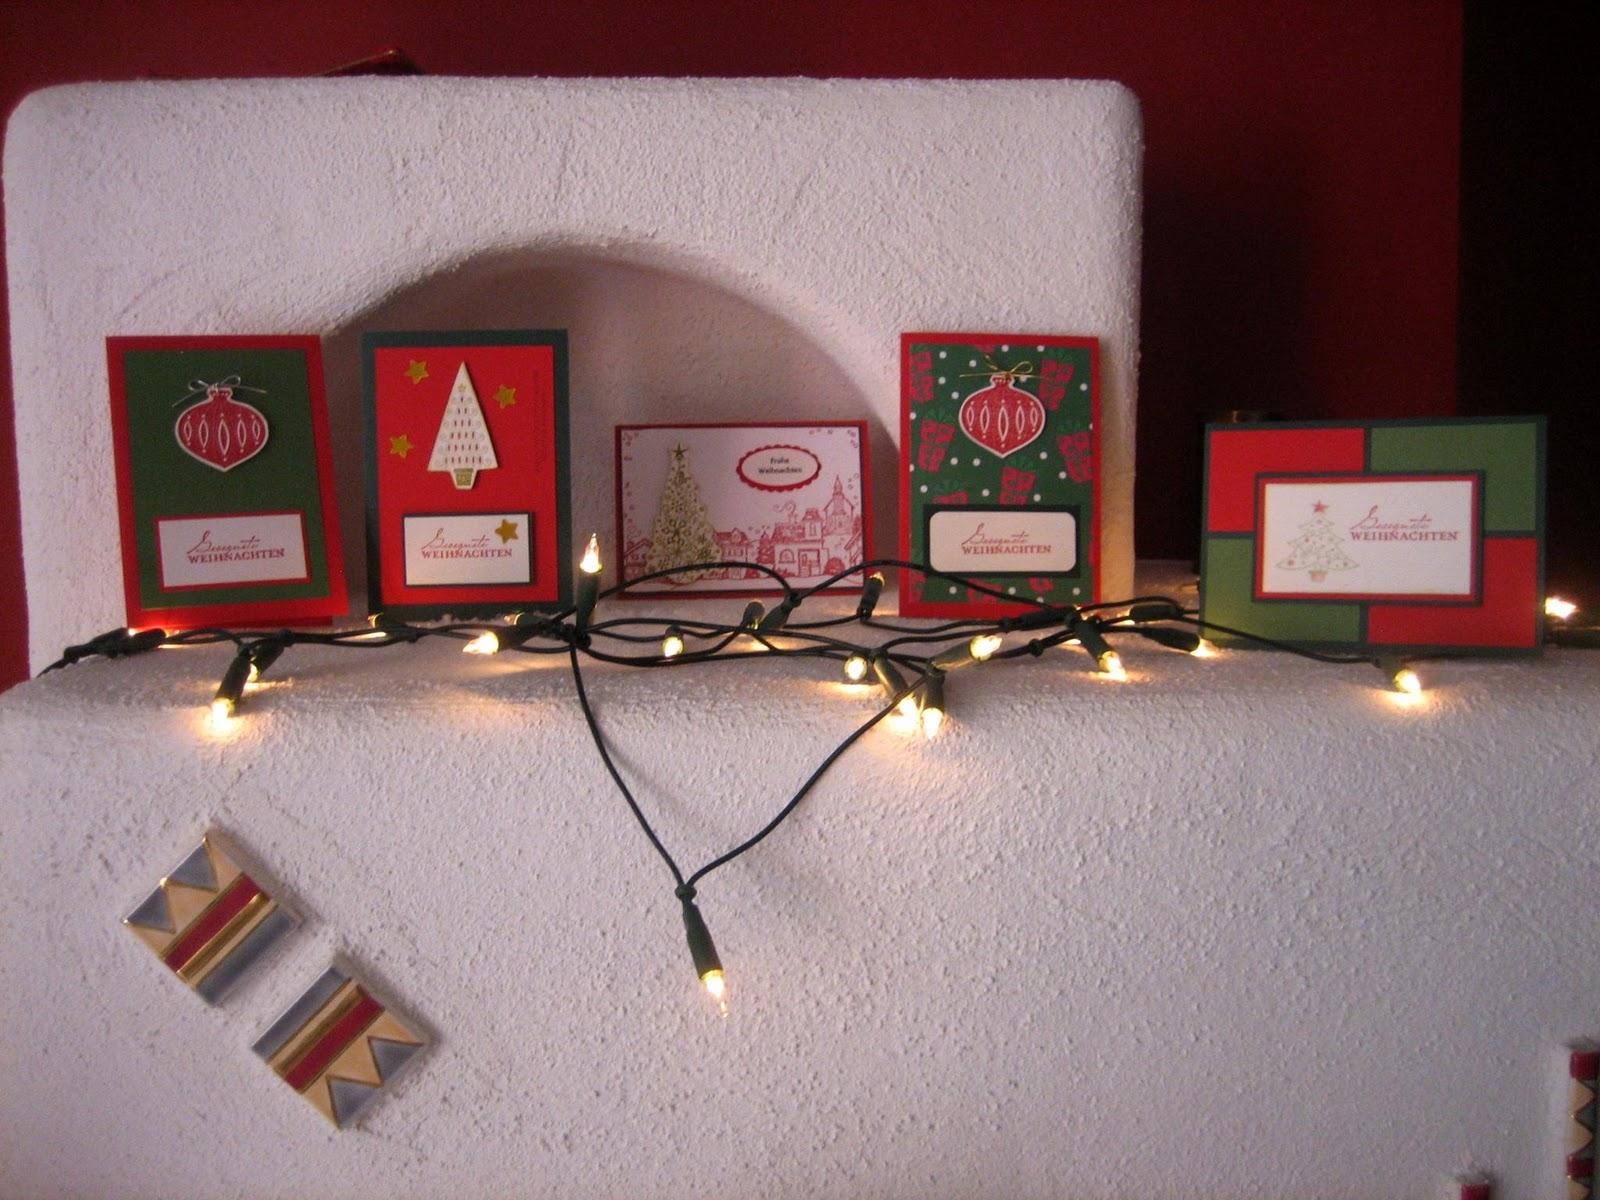 ingeborgs bastelecke is denn heut scho weihnachten. Black Bedroom Furniture Sets. Home Design Ideas